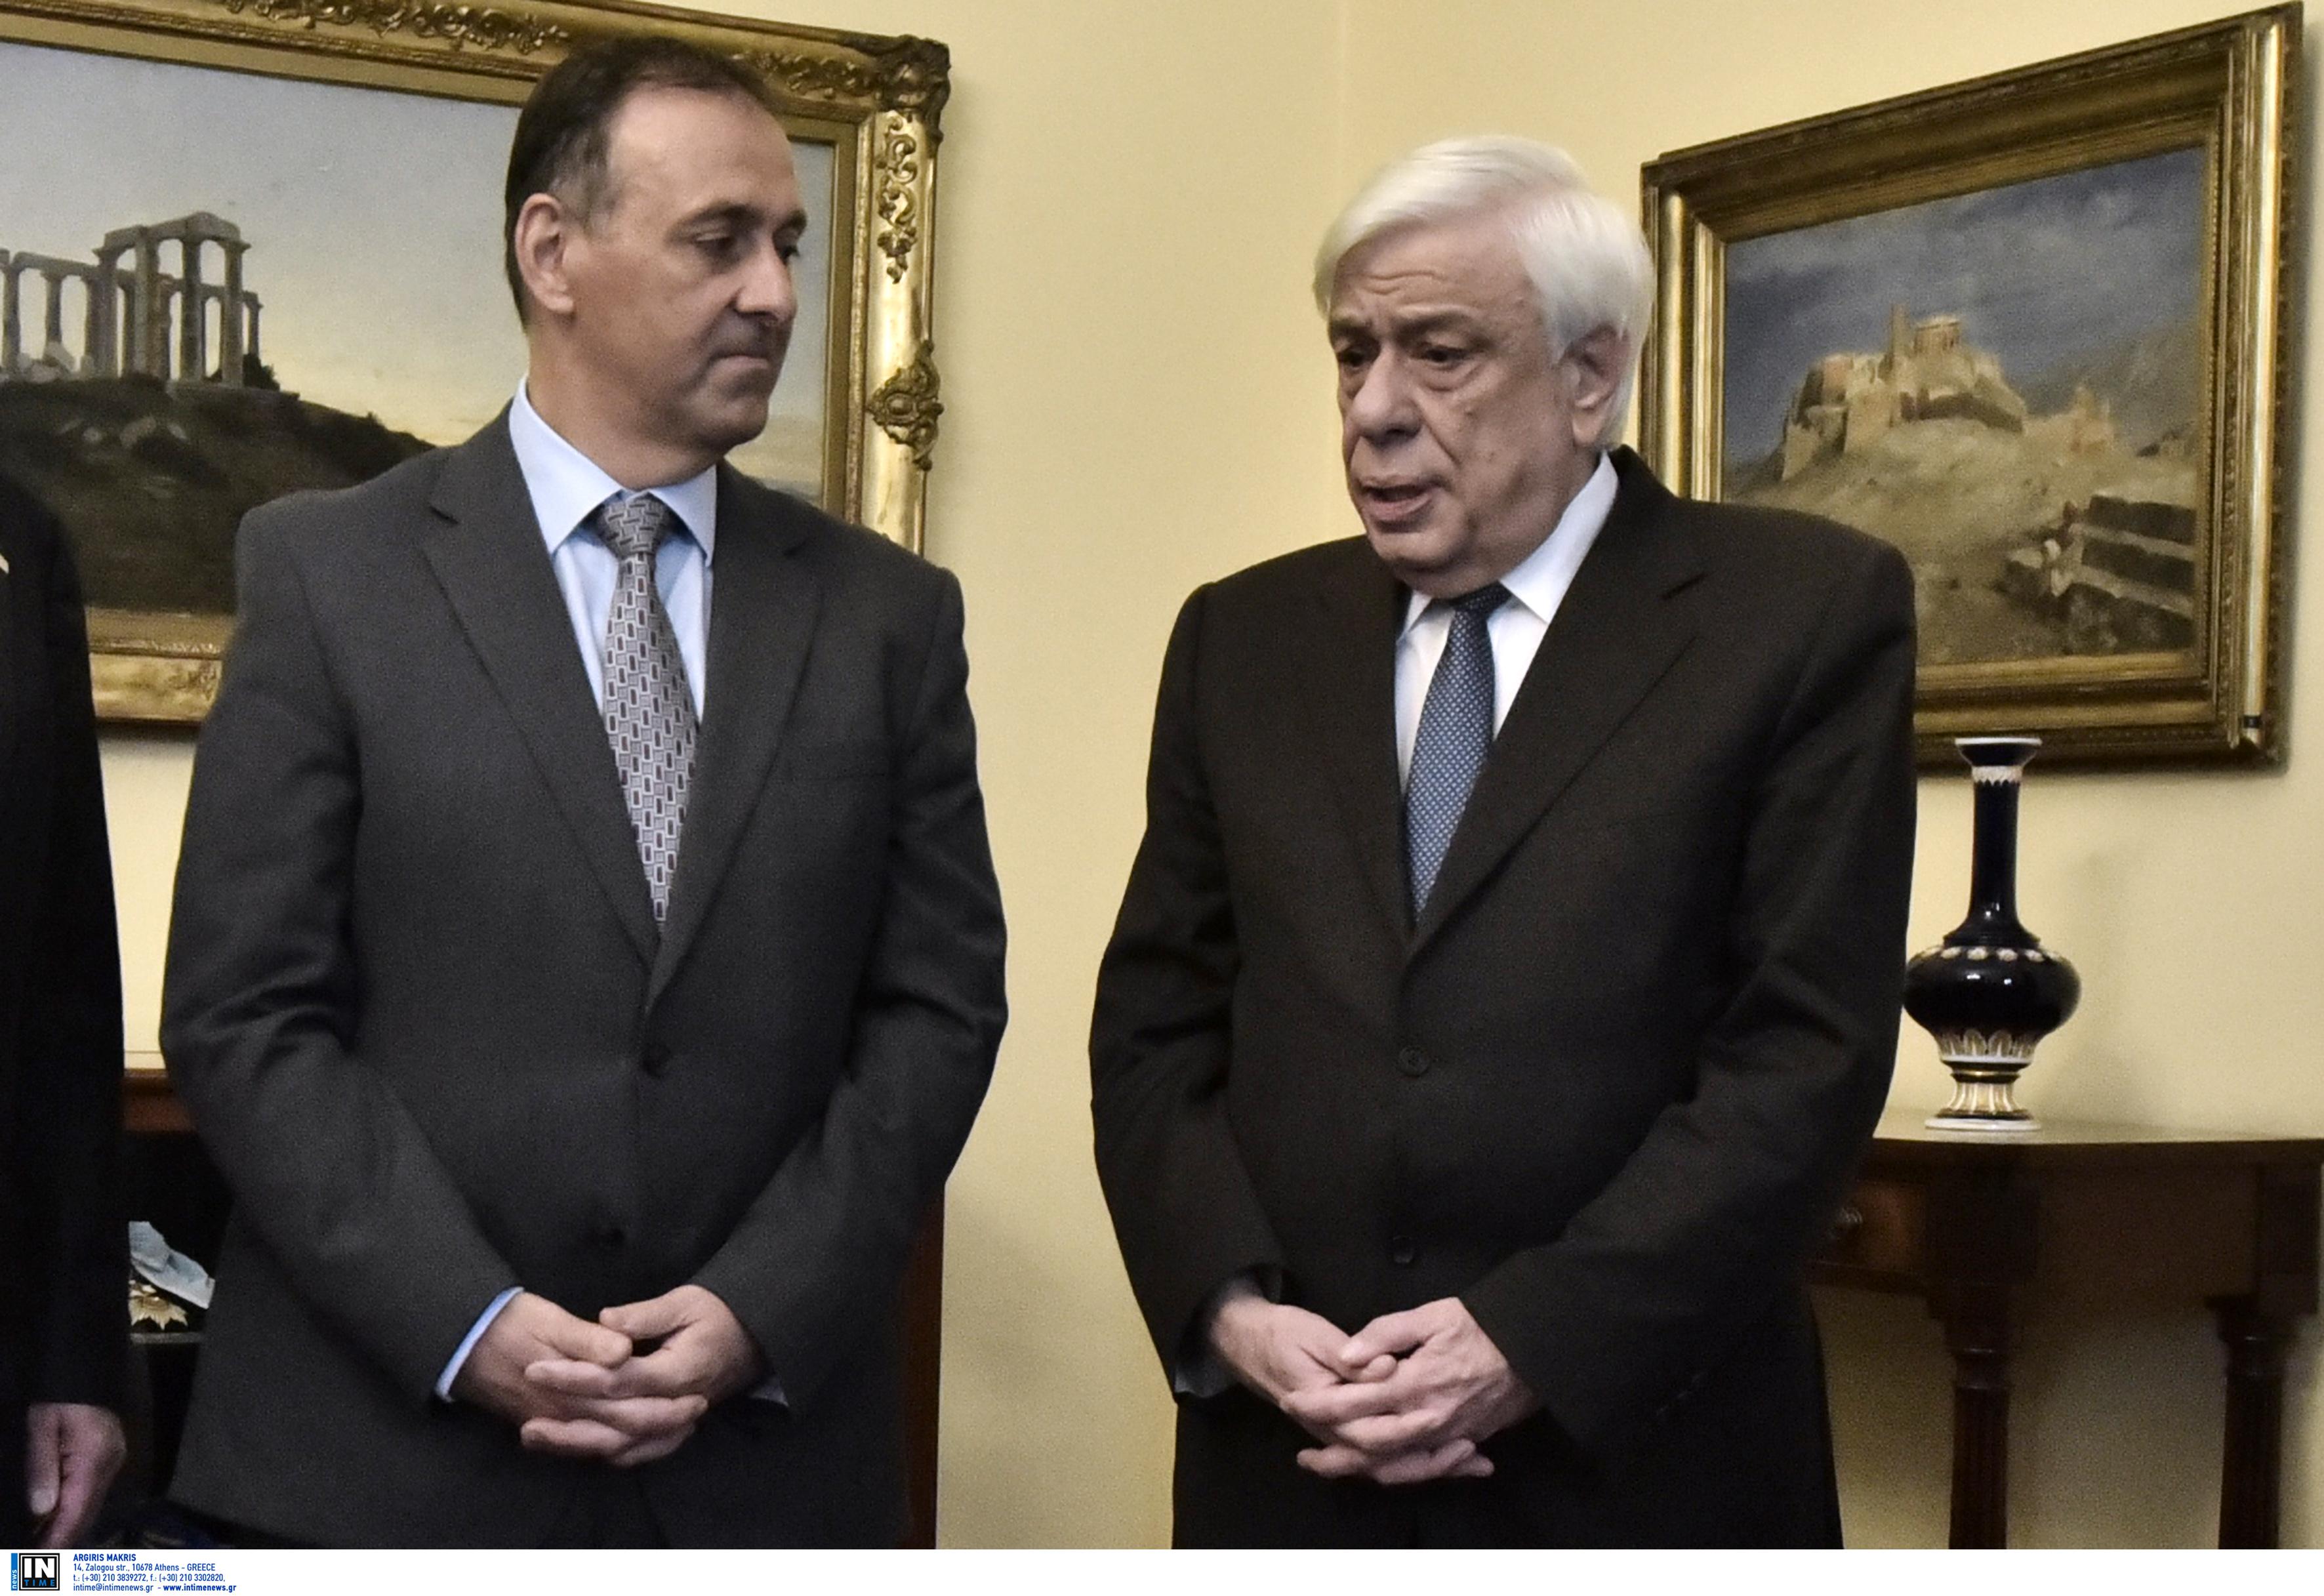 Παυλόπουλος: «Αν ανεχθούμε την αυθαιρεσία της Τουρκίας δημιουργείται ένα προηγούμενο εξαιρετικά επικίνδυνο»